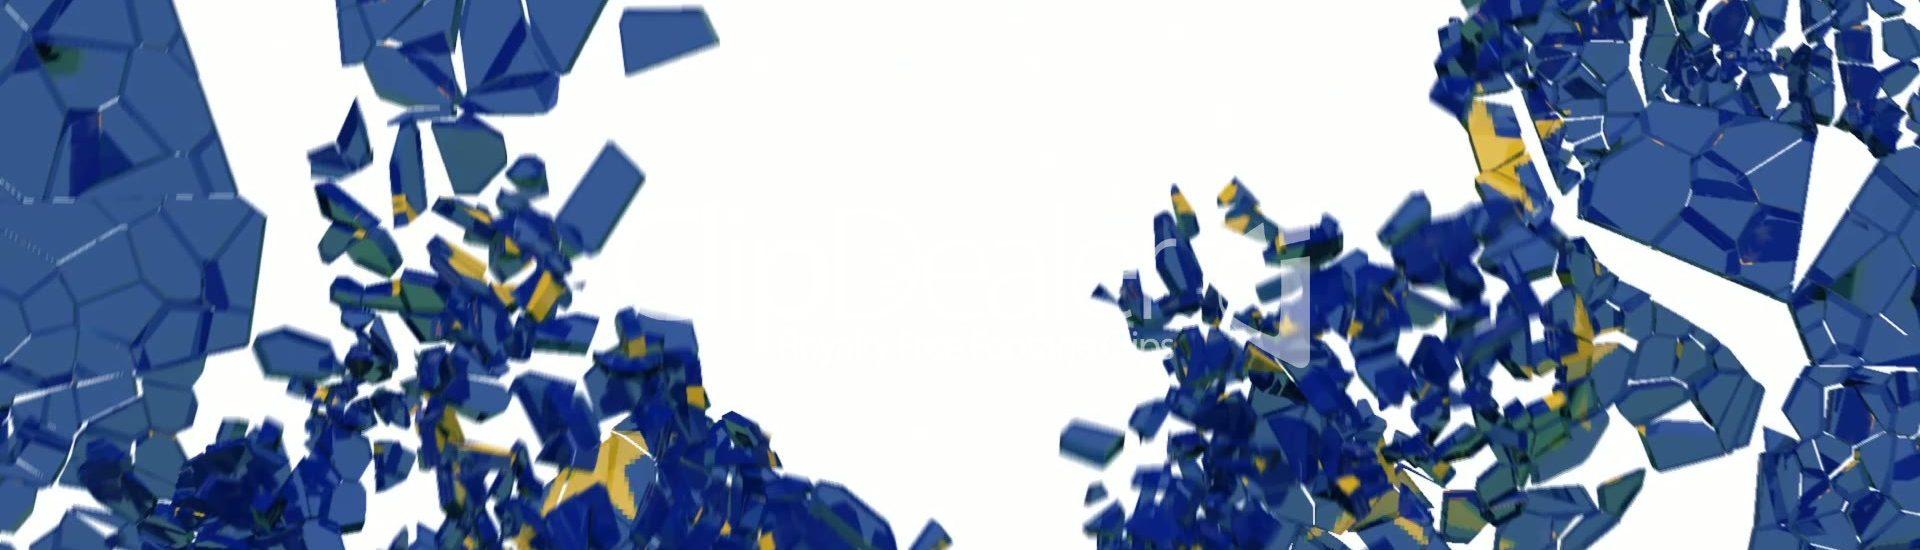 Ο κορονοϊος υποχρεώνει το ευρωπαϊκό κεφάλαιο σε ΑΛΛΟ ΕΝΑ ΒΗΜΑ ΠΡΟΣ ΤΗ ΔΙΑΣΠΑΣΗ